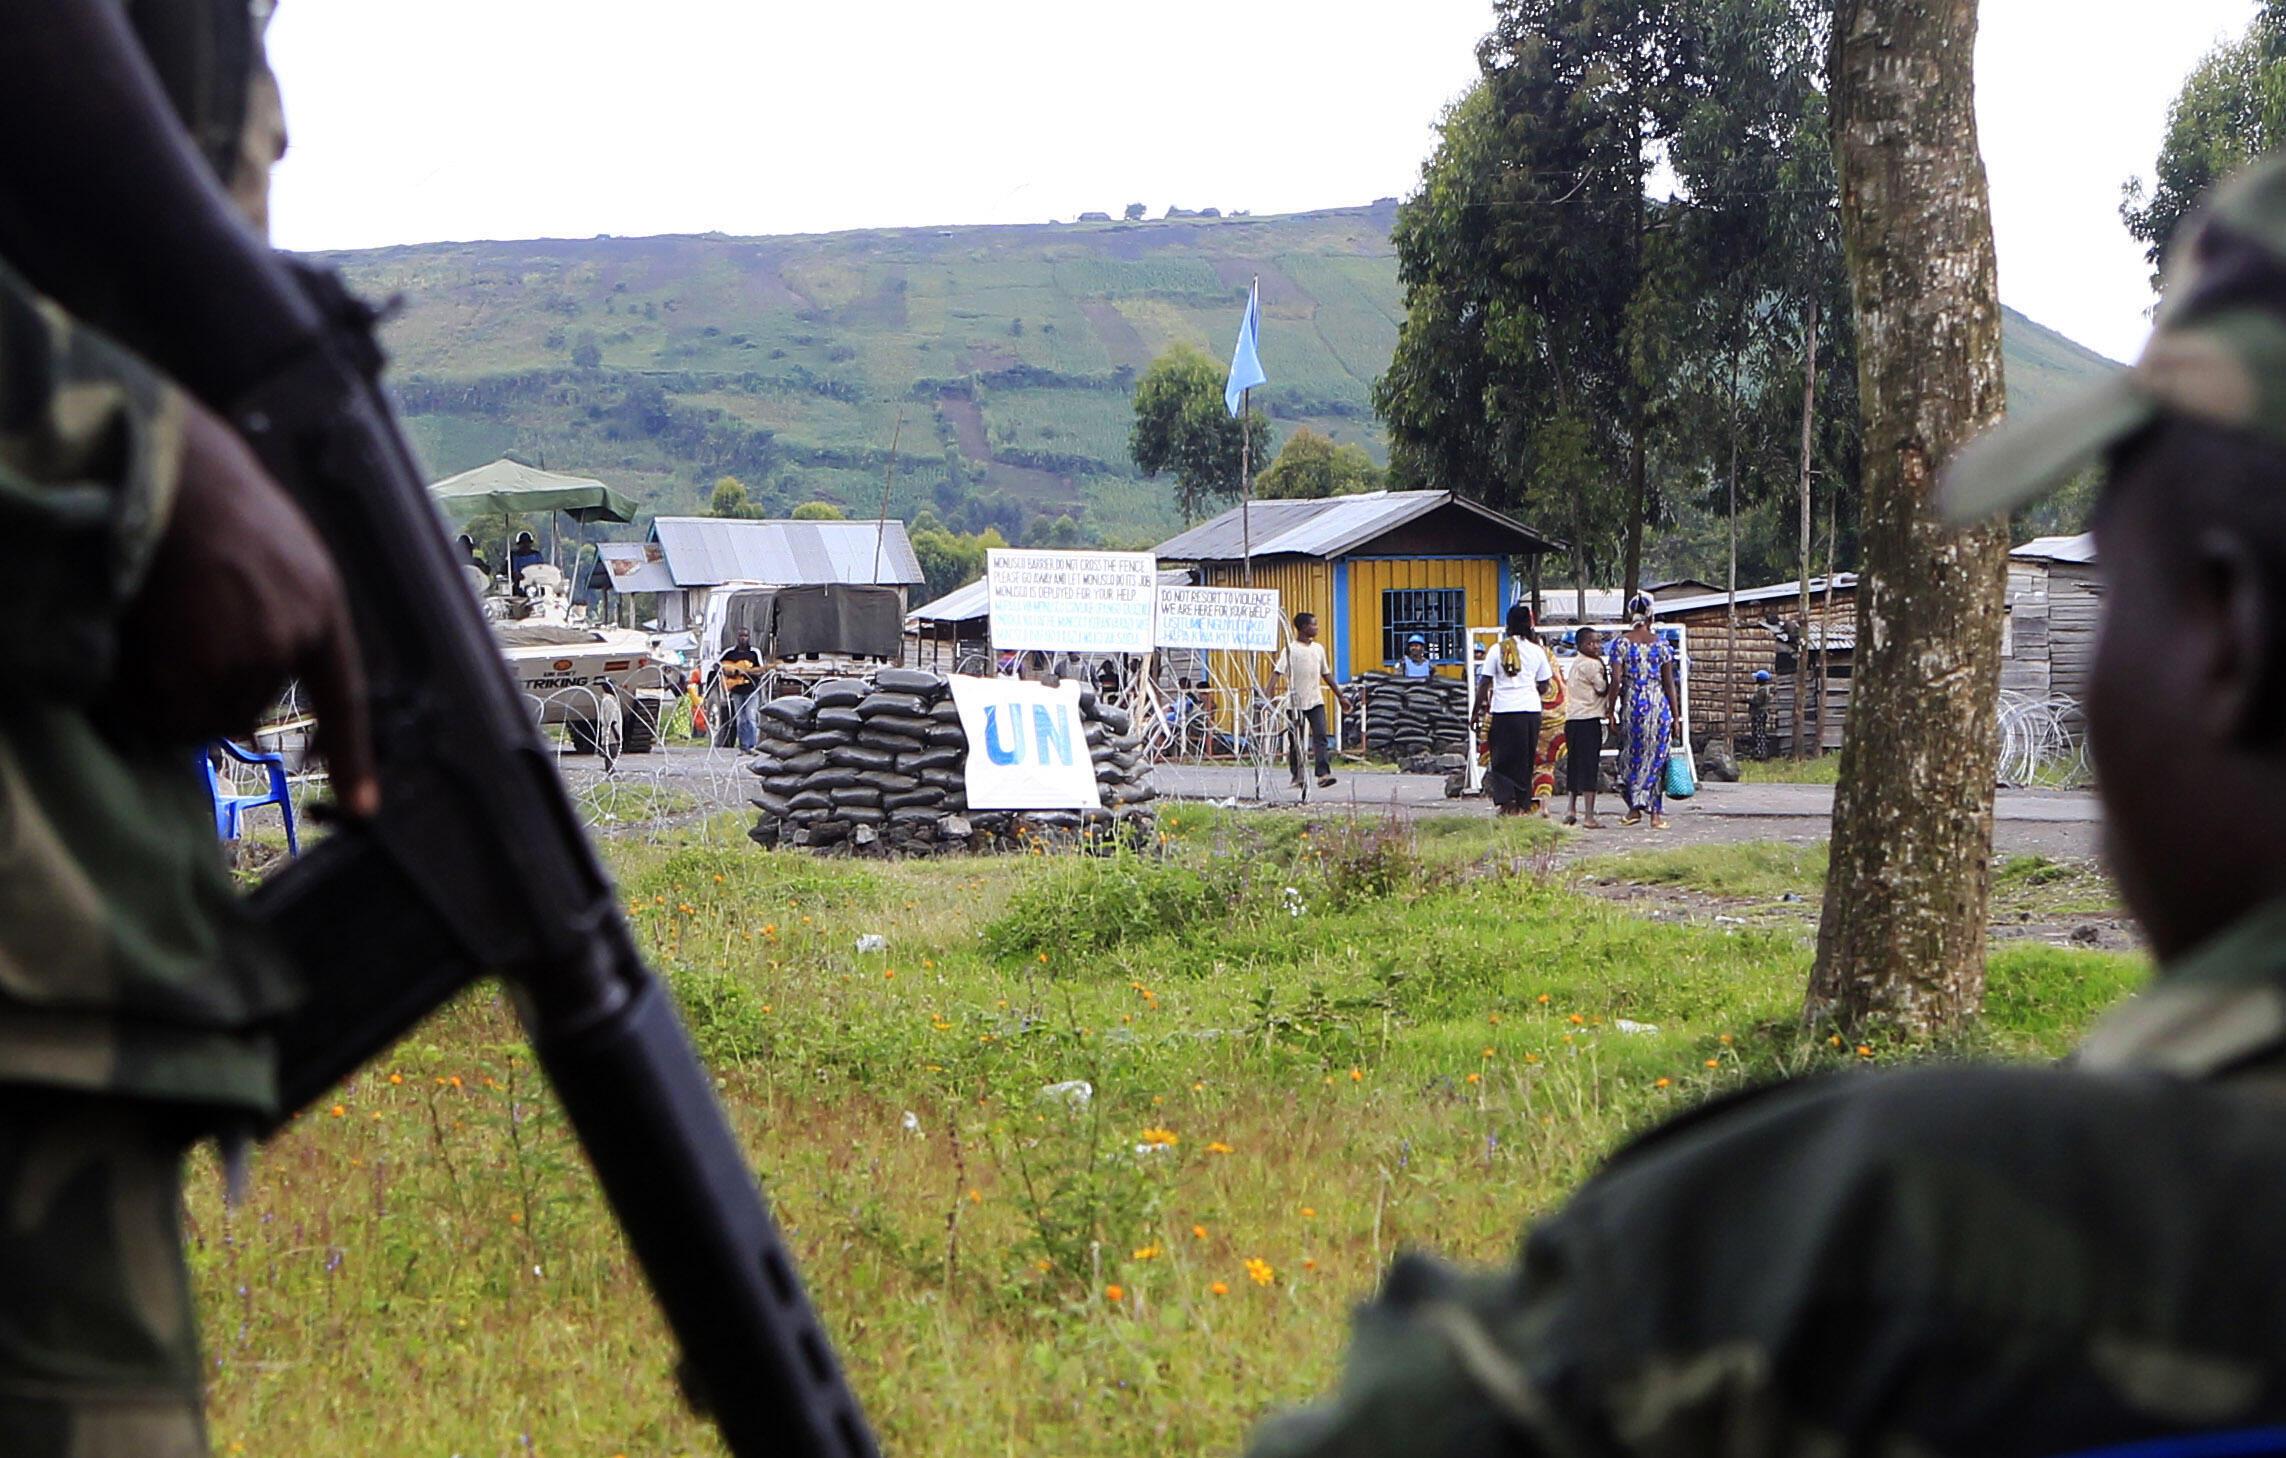 Des rebelles du M23 à quelques mètres d'un posteLe groupe d'experts était souvent en première ligne pour récolter des informations sur la rébellion du M23. de garde de la Monusco, à Goma, ce mardi 15 mai.